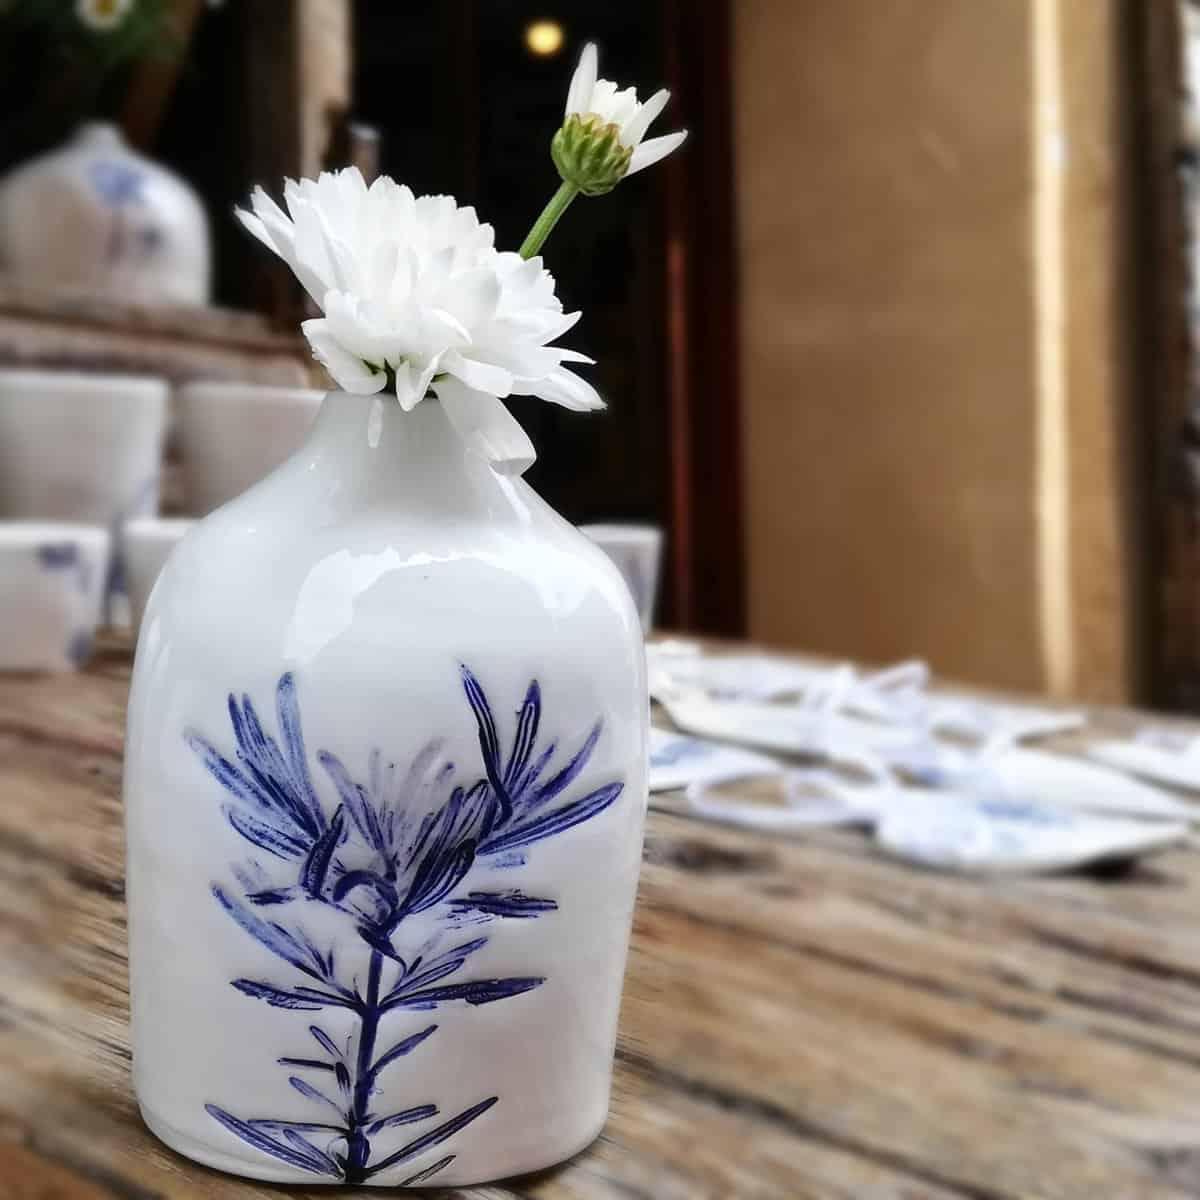 vasetto ceramica con rosmarino